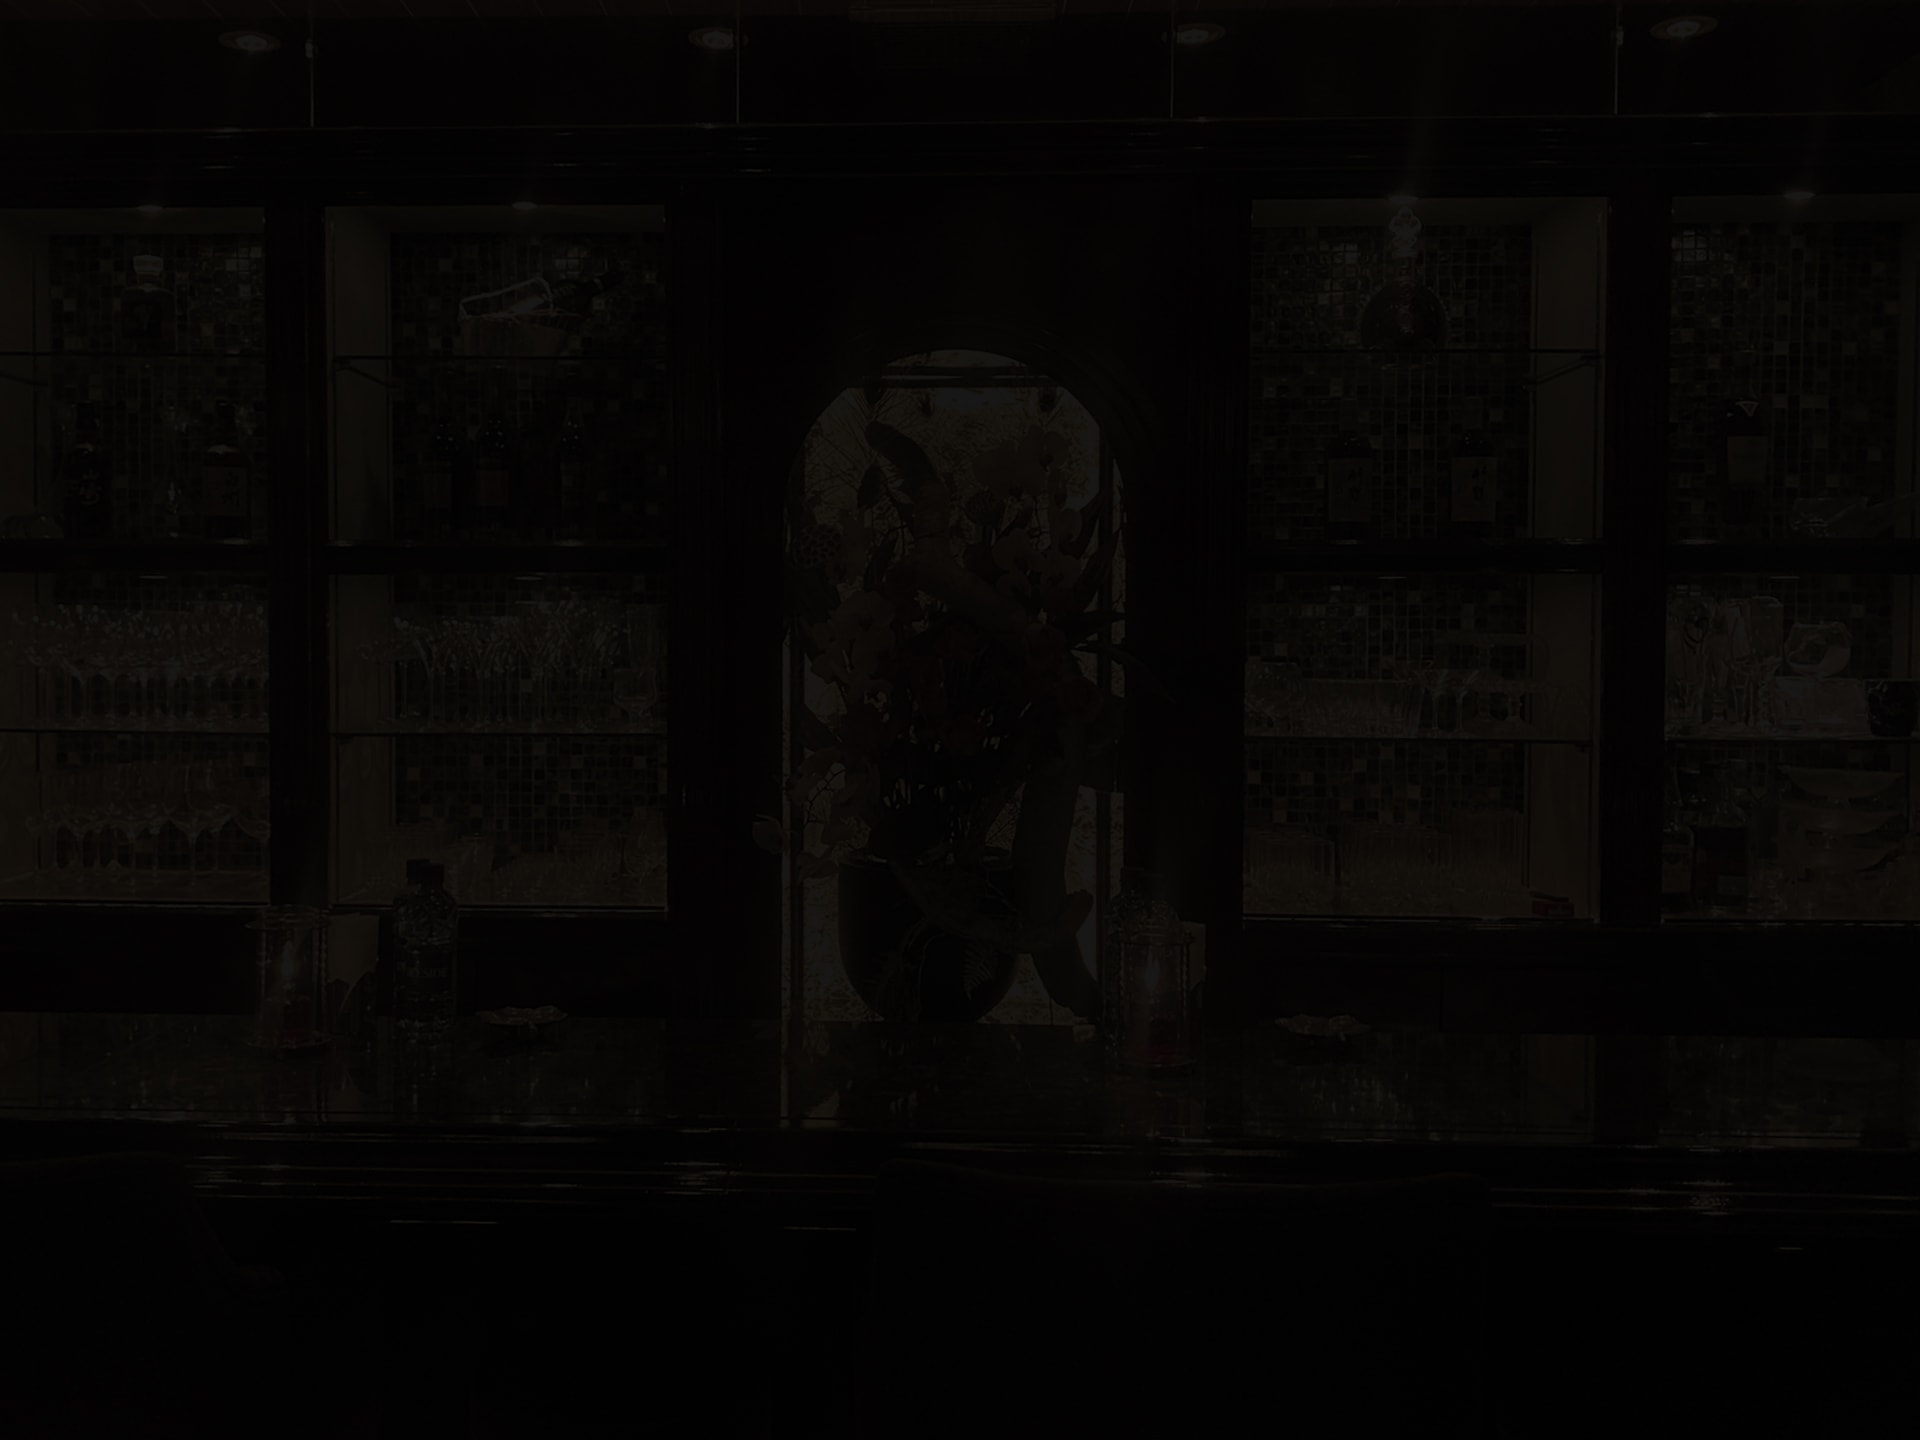 メイン画像 銀座会員制高級クラブ『Bruno(ブルーノ)』 ホステス公式求人 体験入店、銀座、水商売未経験の方も大歓迎